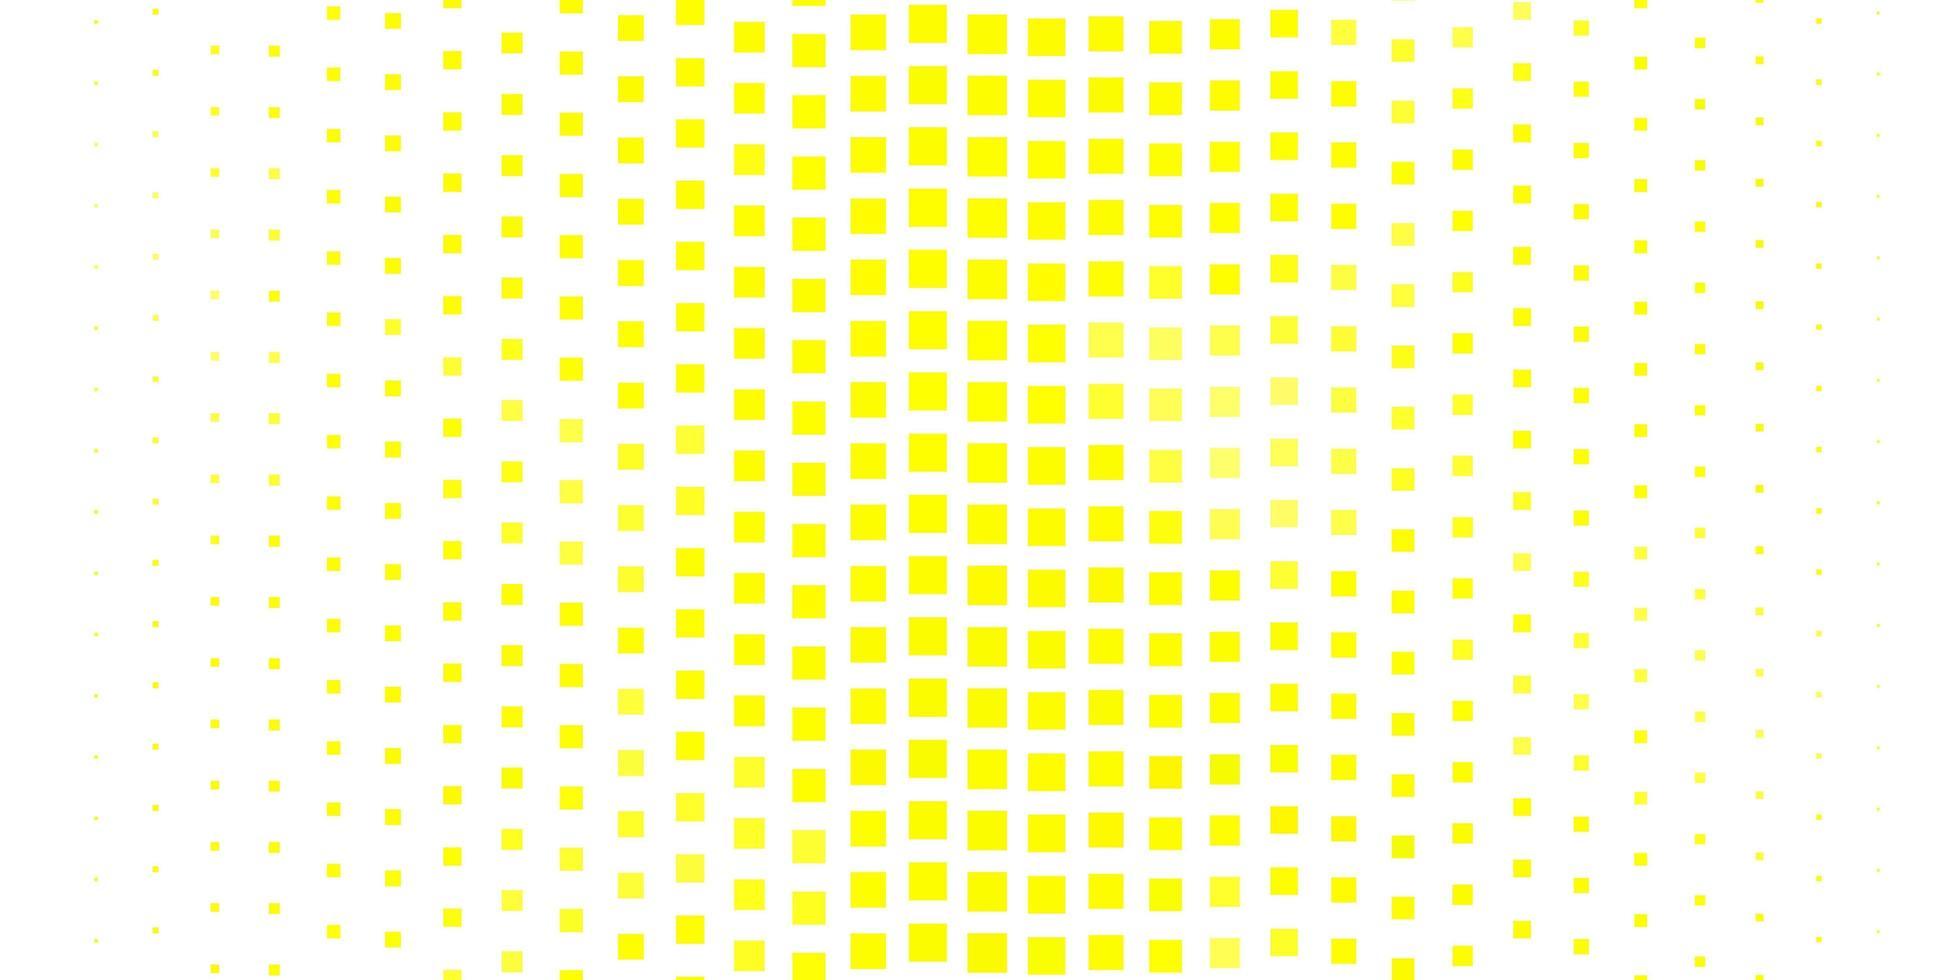 texture vecteur jaune clair dans un style rectangulaire.